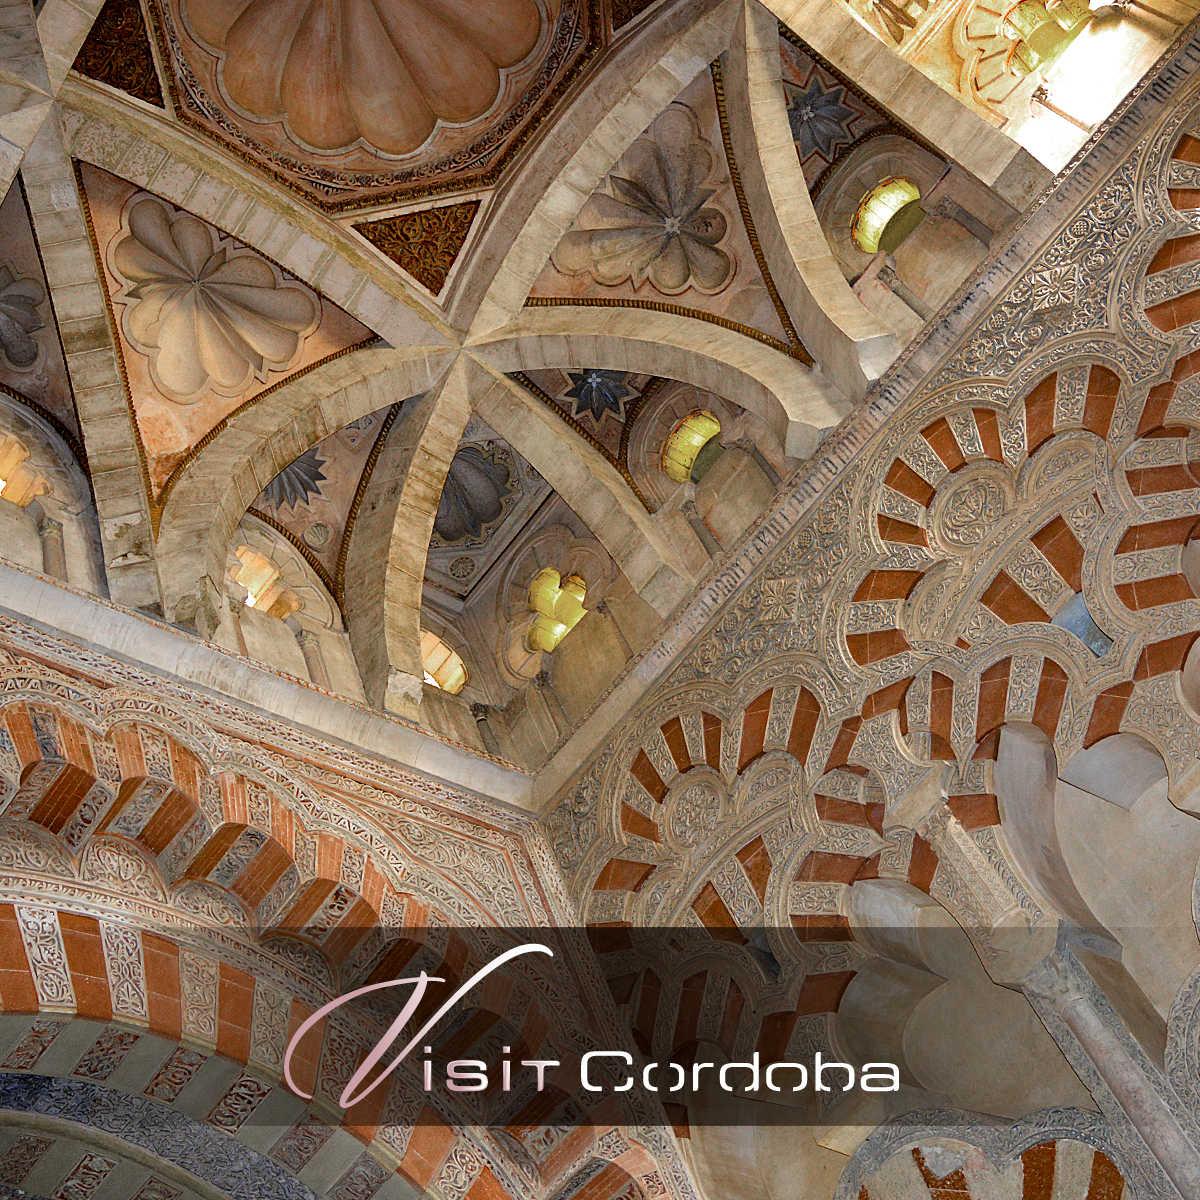 Visit Cordoba by Konexion Tours